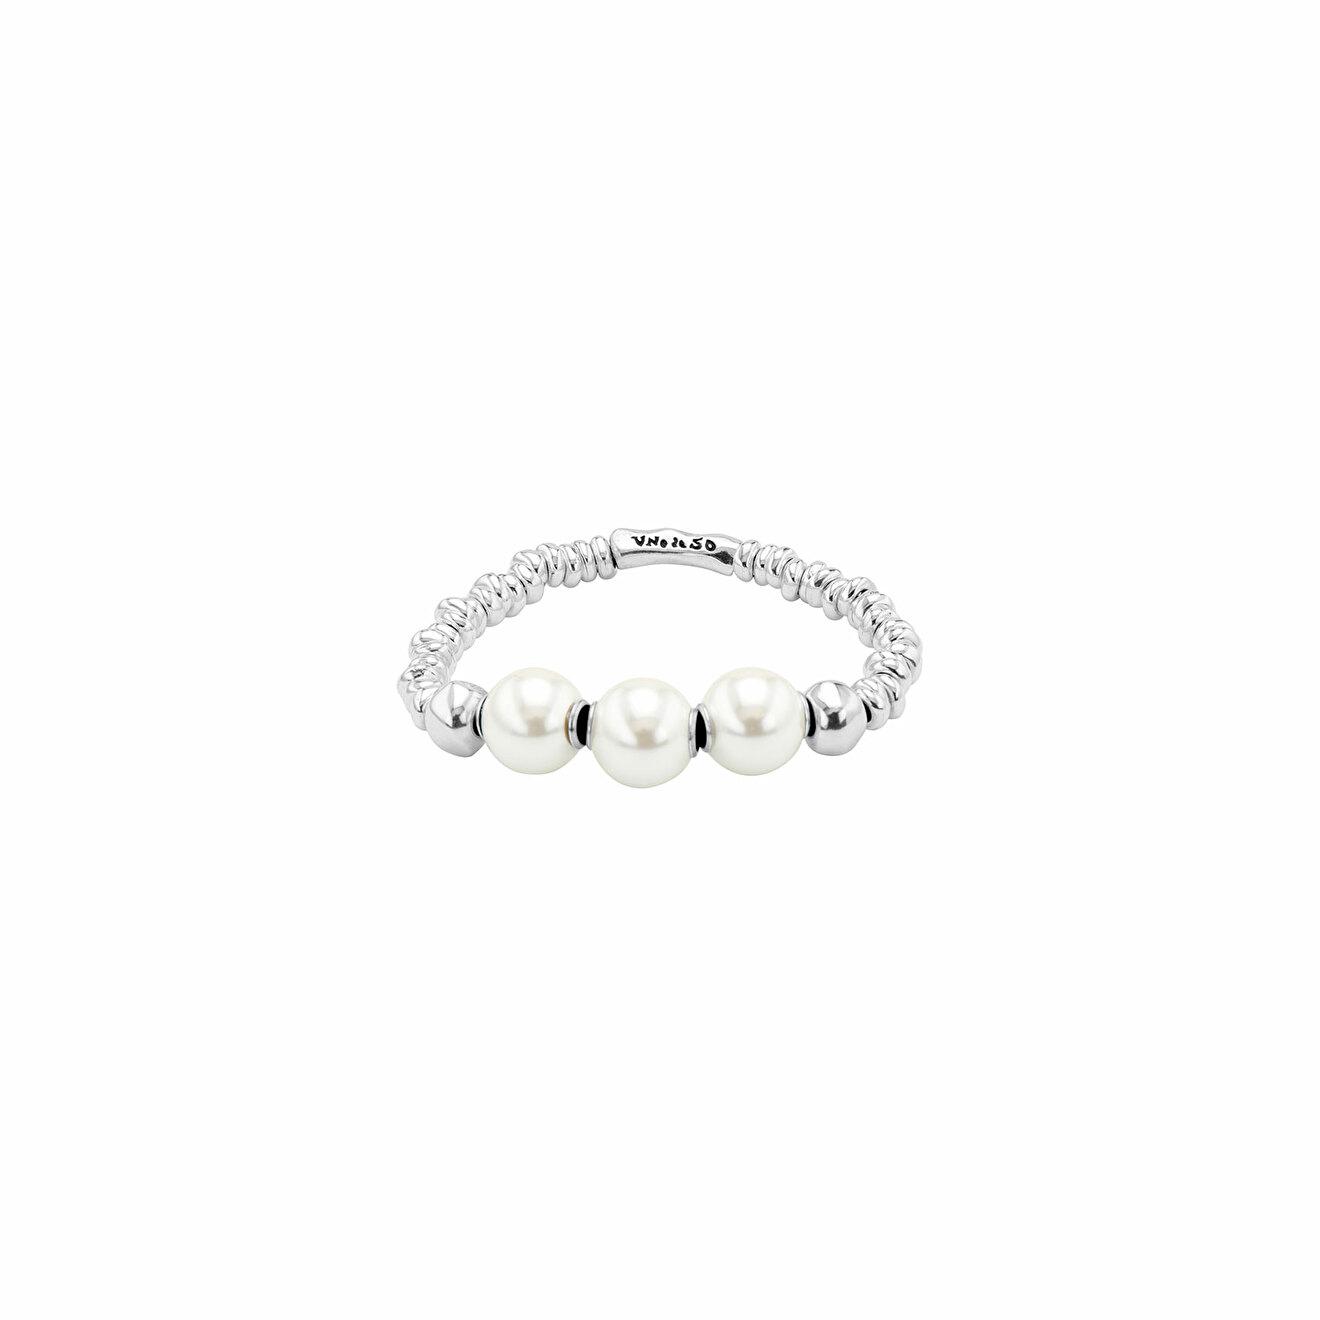 Unode50 Покрытый серебром браслет с синтетическими жемчужинами Superlative